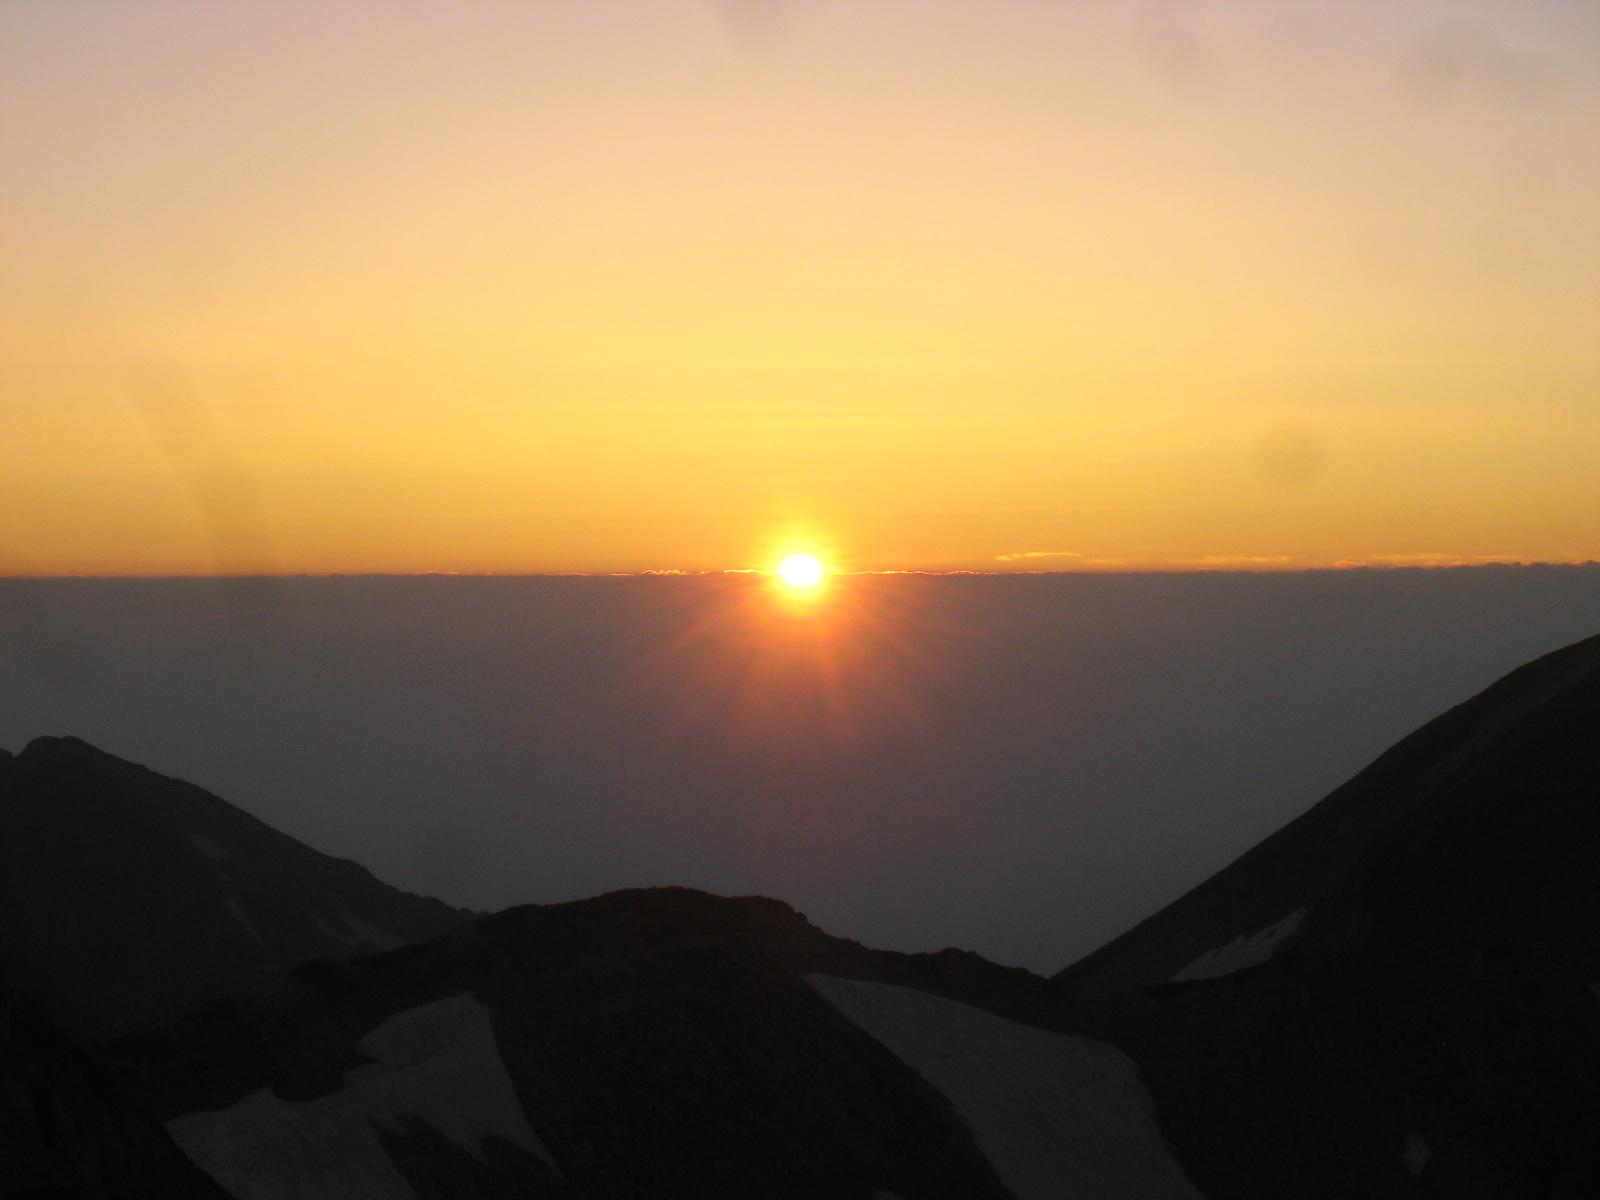 今年の夏山登山は立山縦走でした。_e0121558_23154233.jpg